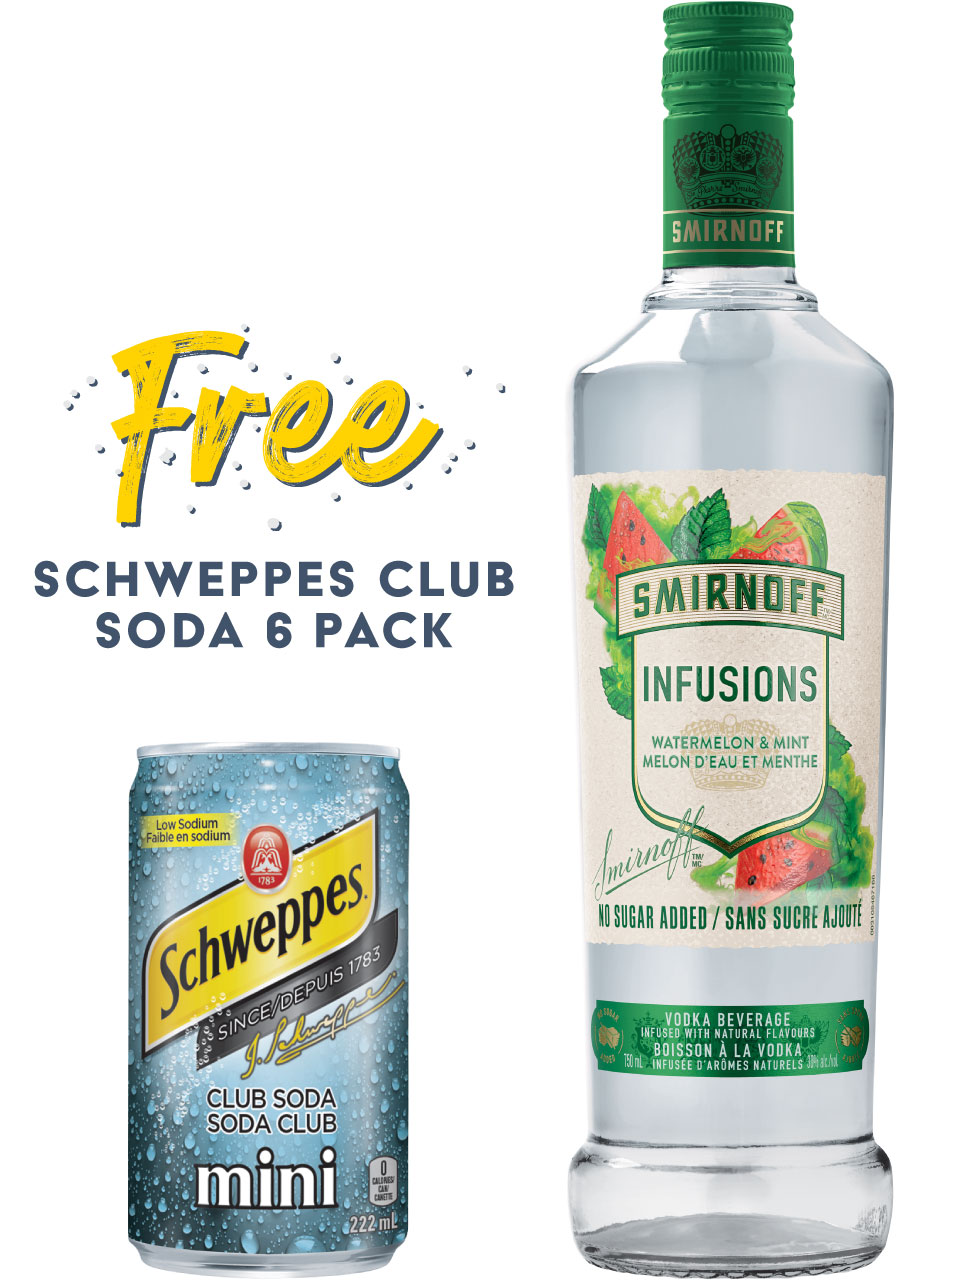 Smirnoff Infusions Watermelon & Mint Vodka